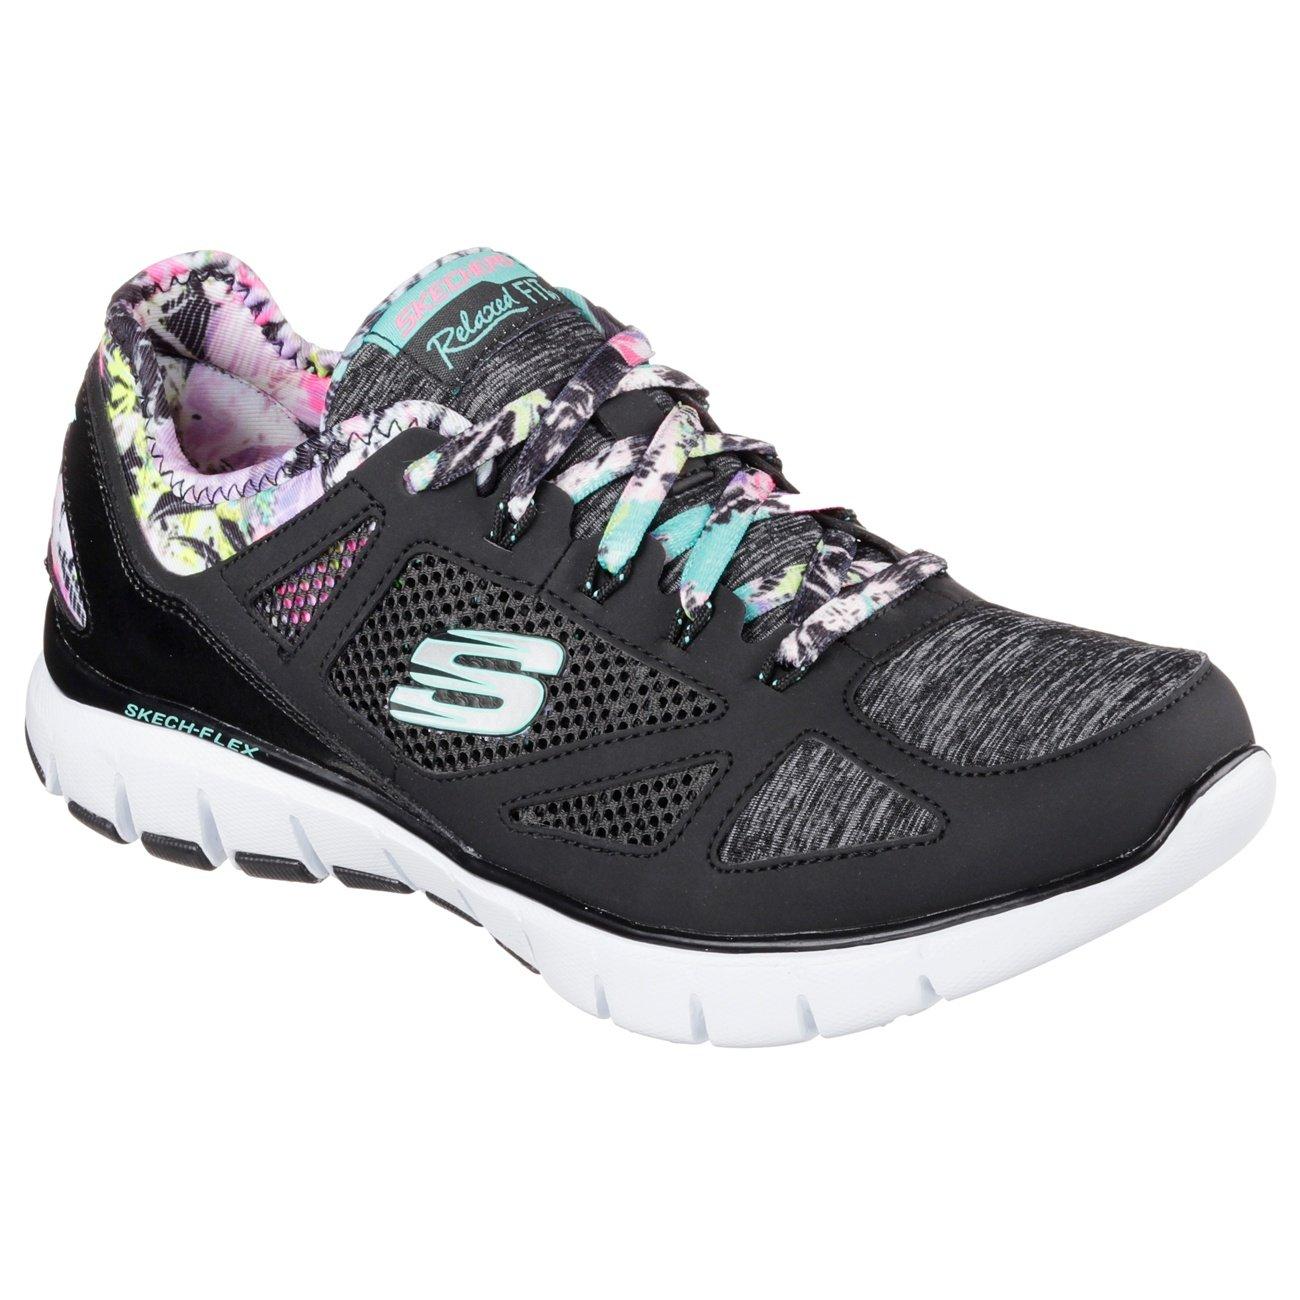 4812492e619 Skechers - Zapatillas Deportivas Modelo Skech Flex Tropical Vibes para Mujer  (37 EU Negro Multi)  Amazon.es  Zapatos y complementos